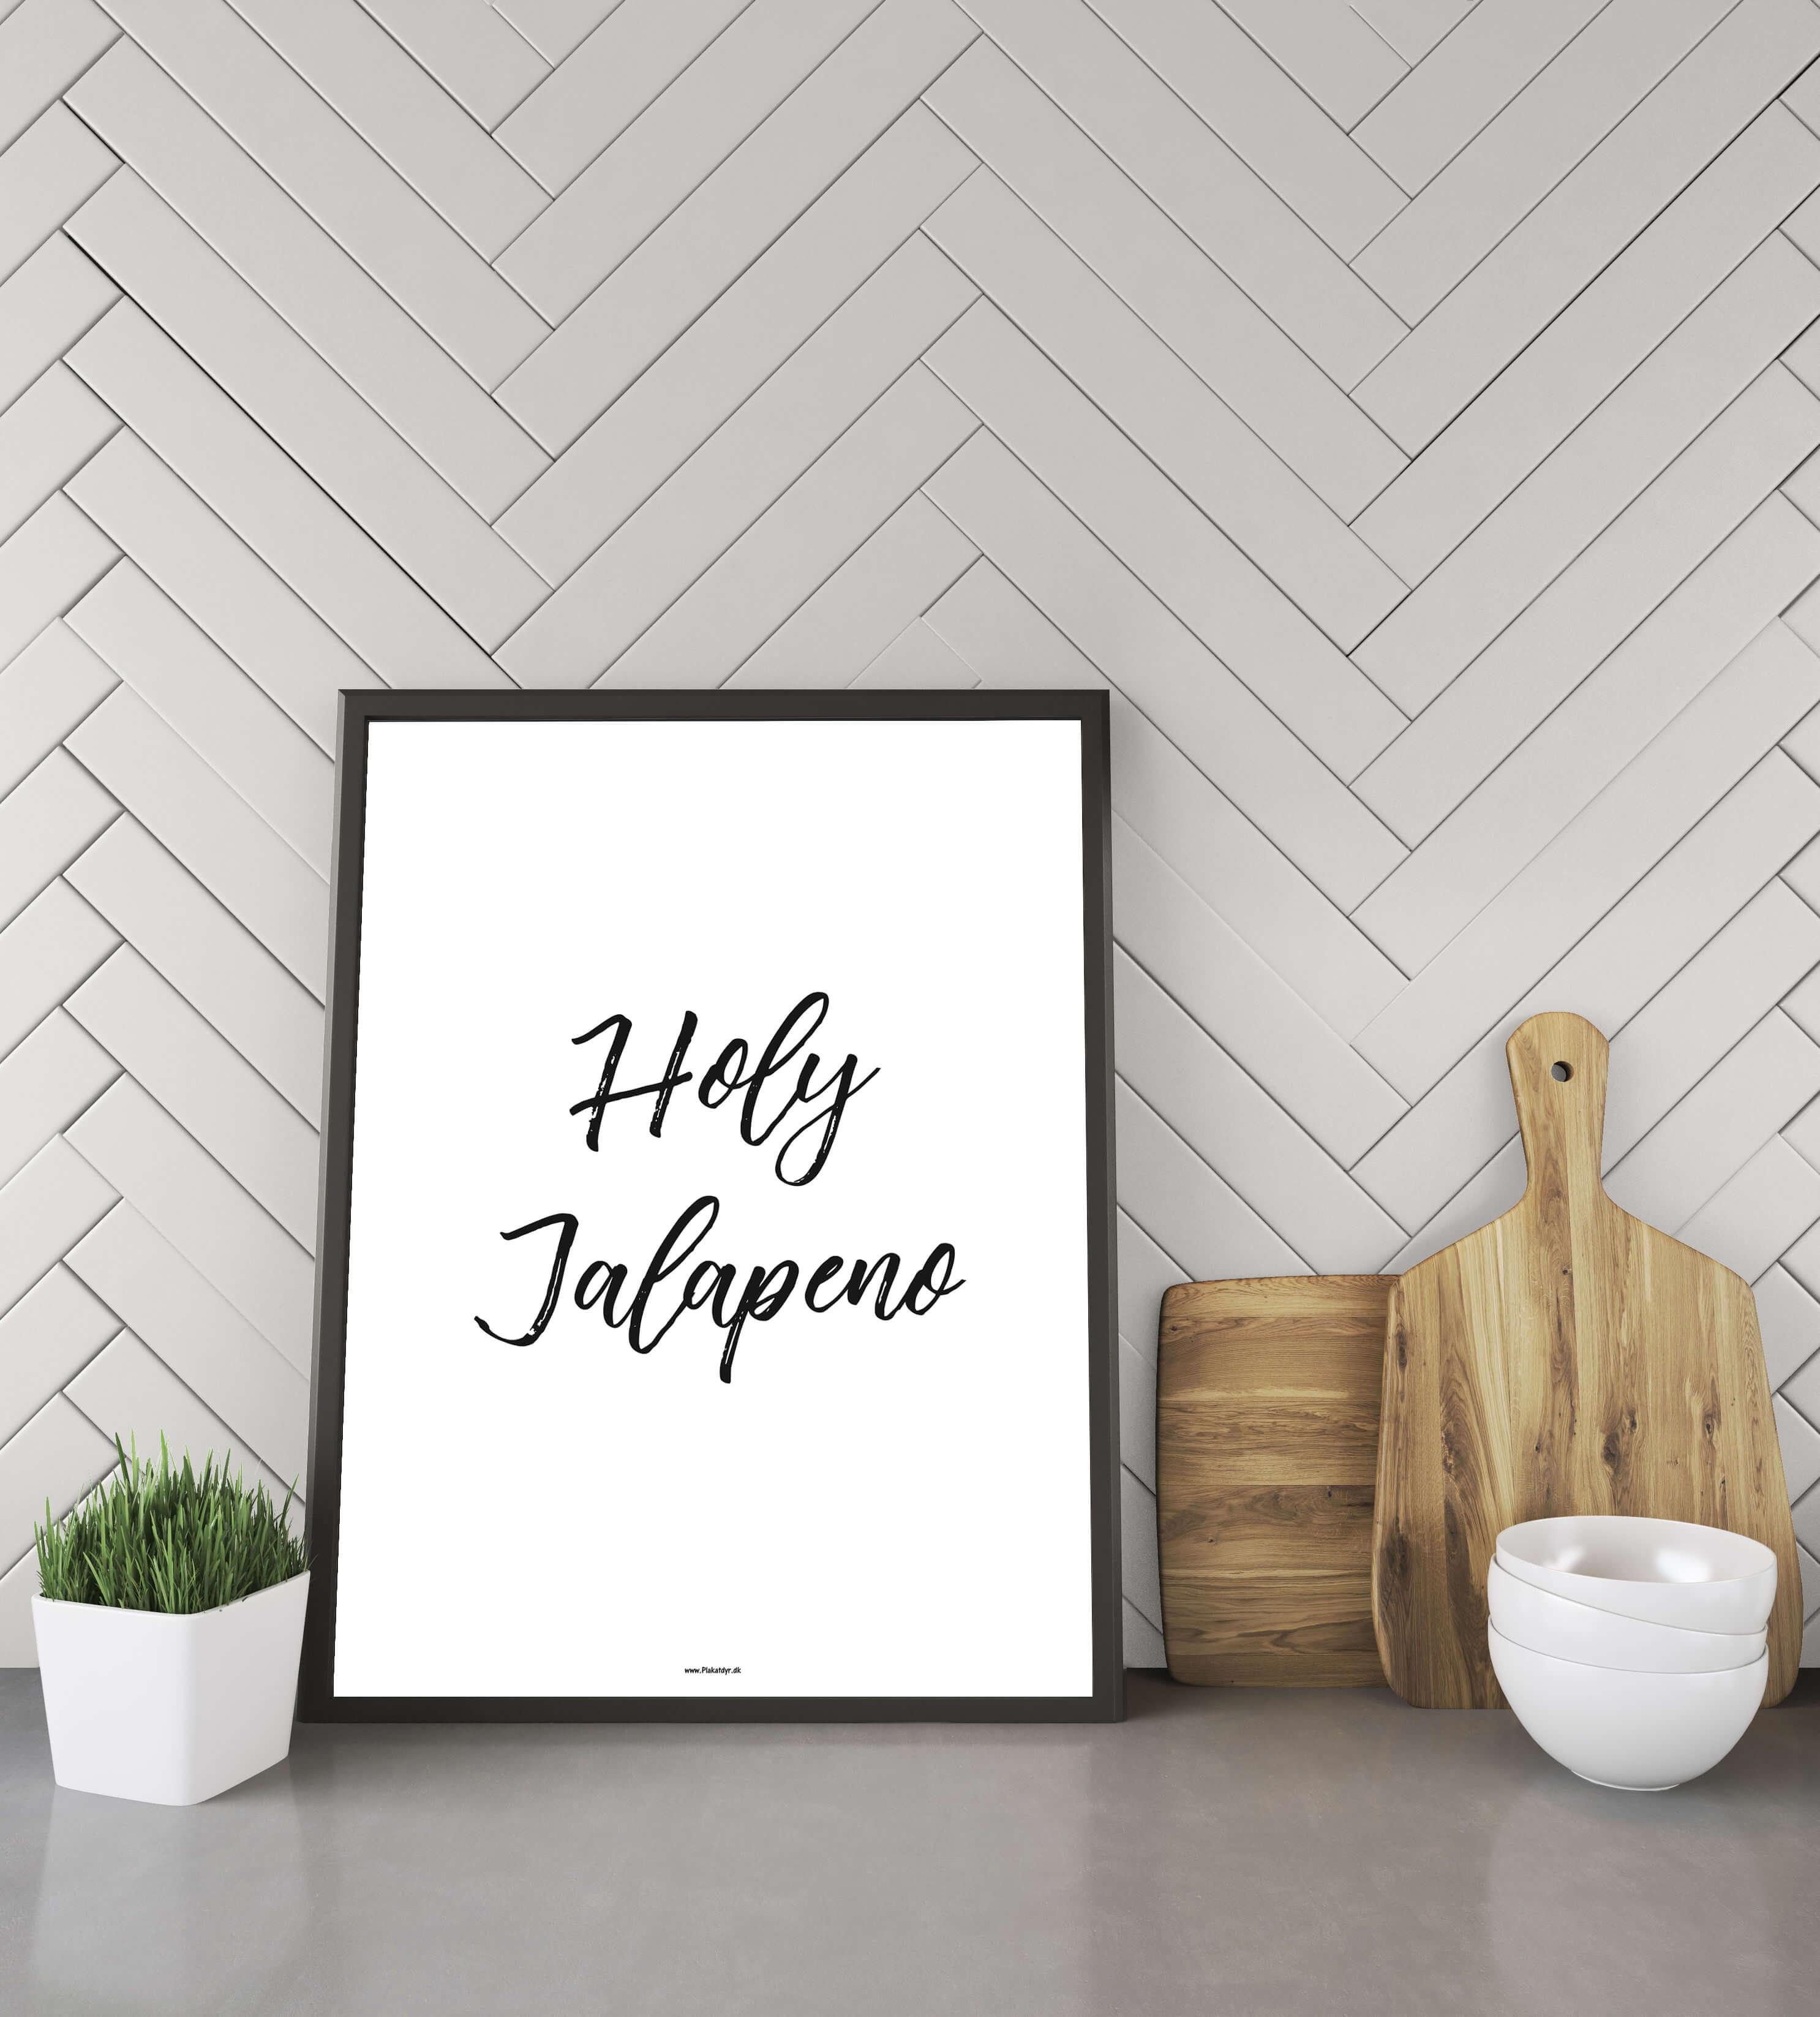 holy-jalapeno-plakat